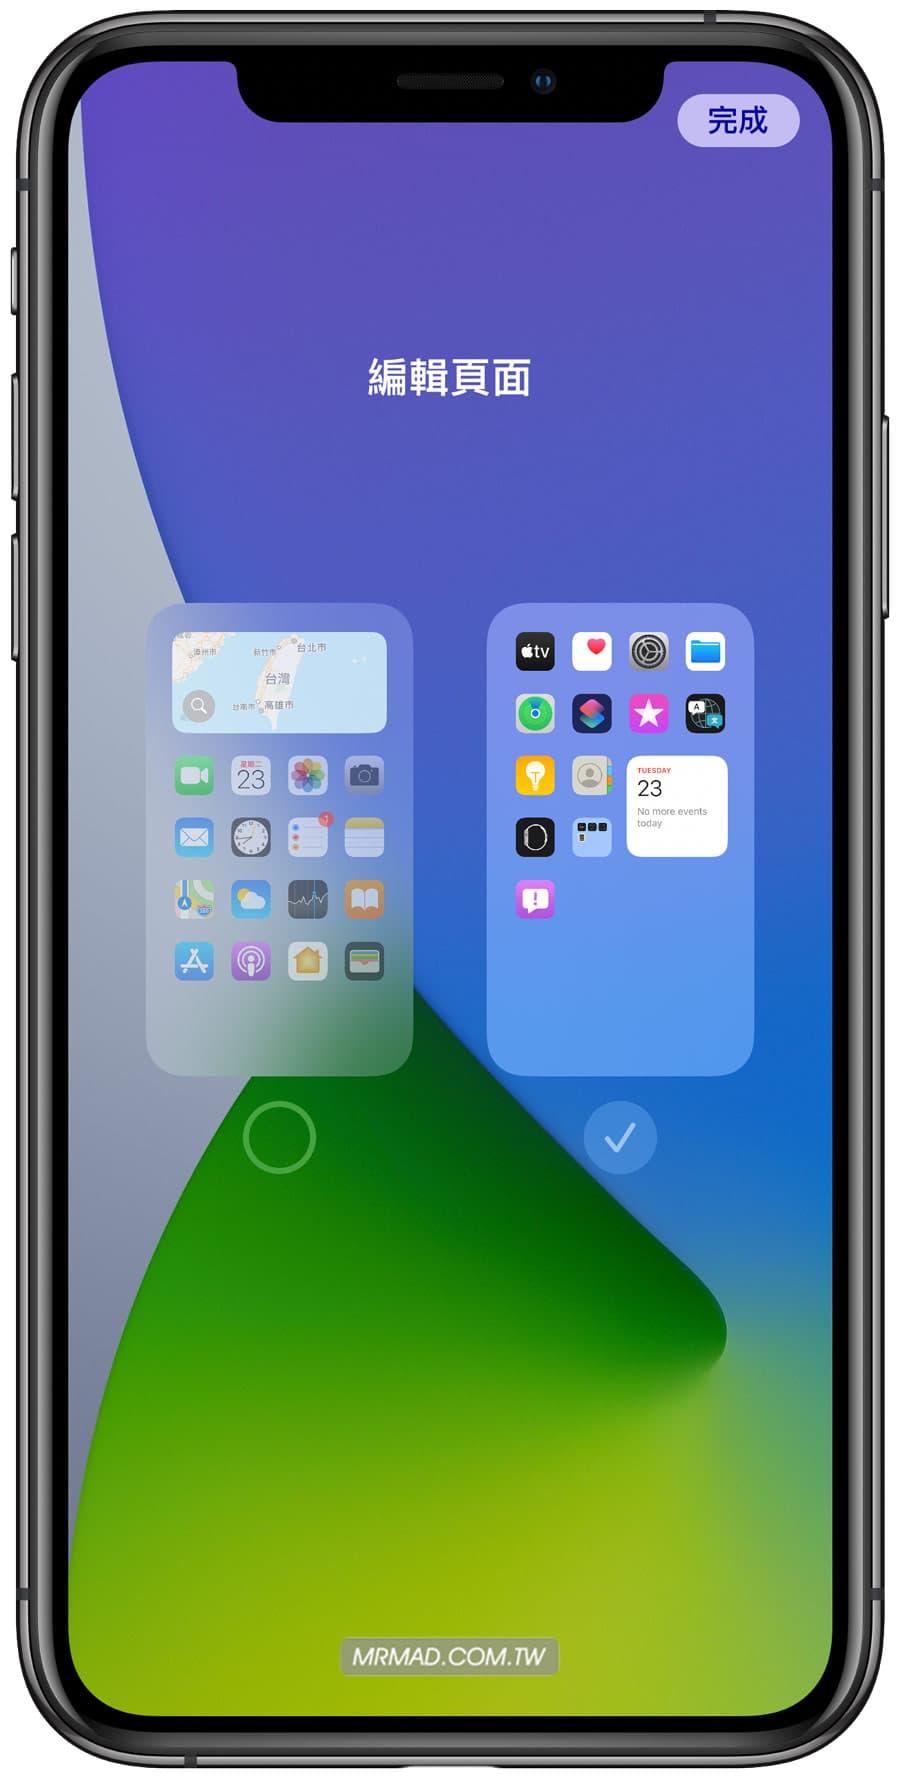 蘋果 iOS 14 功能整理,你想知道所有亮點全在這裡